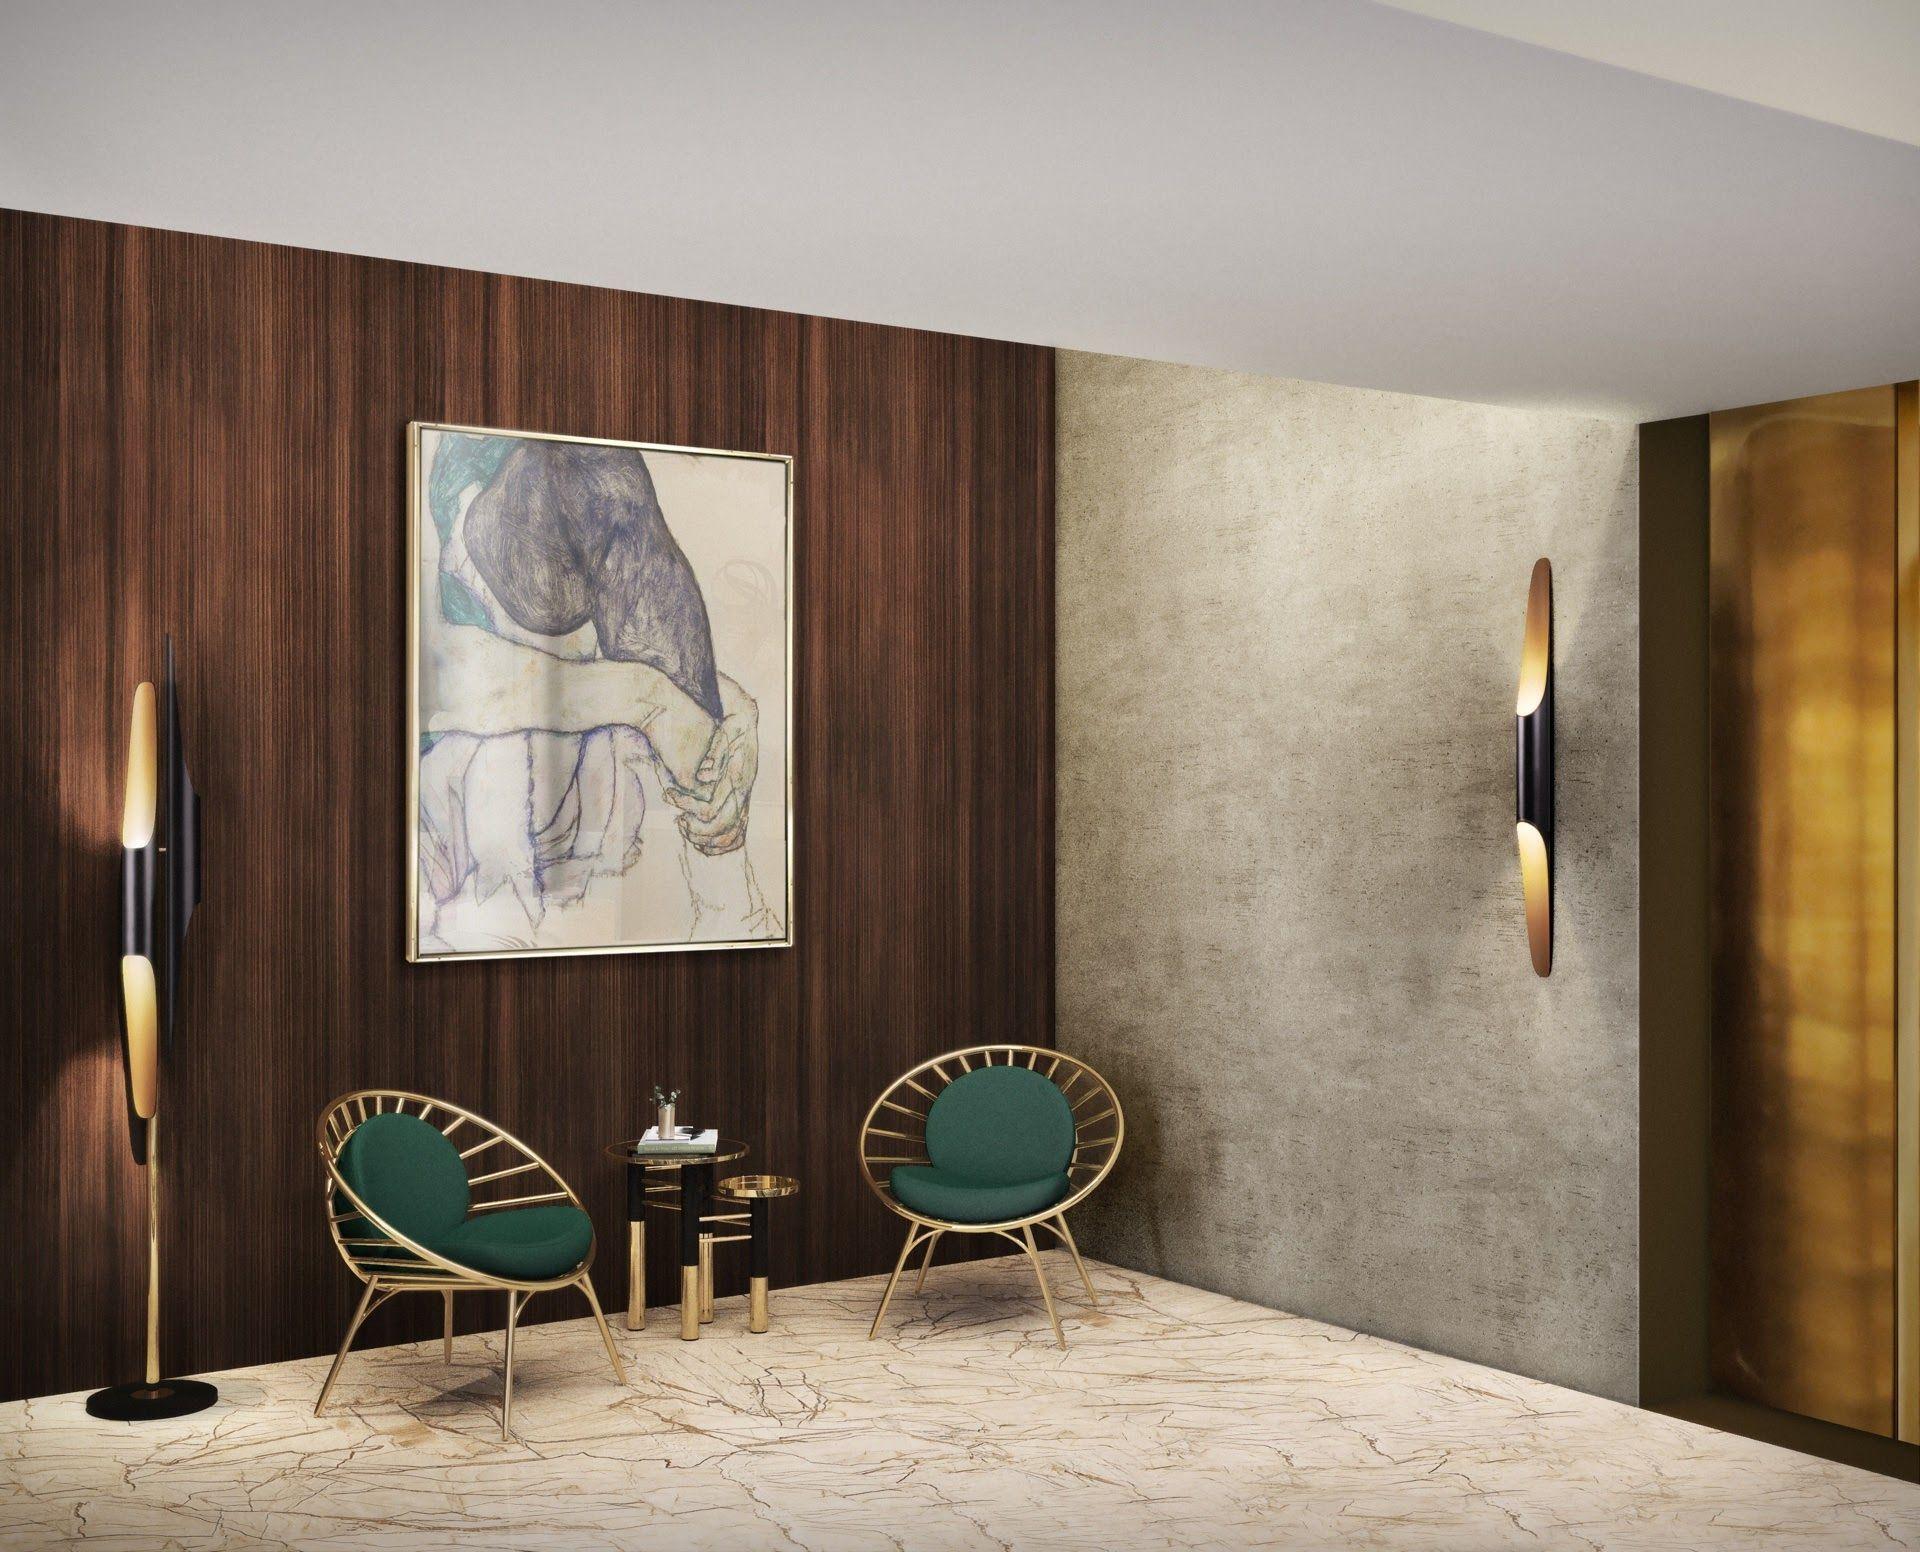 Wohndesign bilder mit shop  unbelievably sexy bedroom decorating ideas shared by best